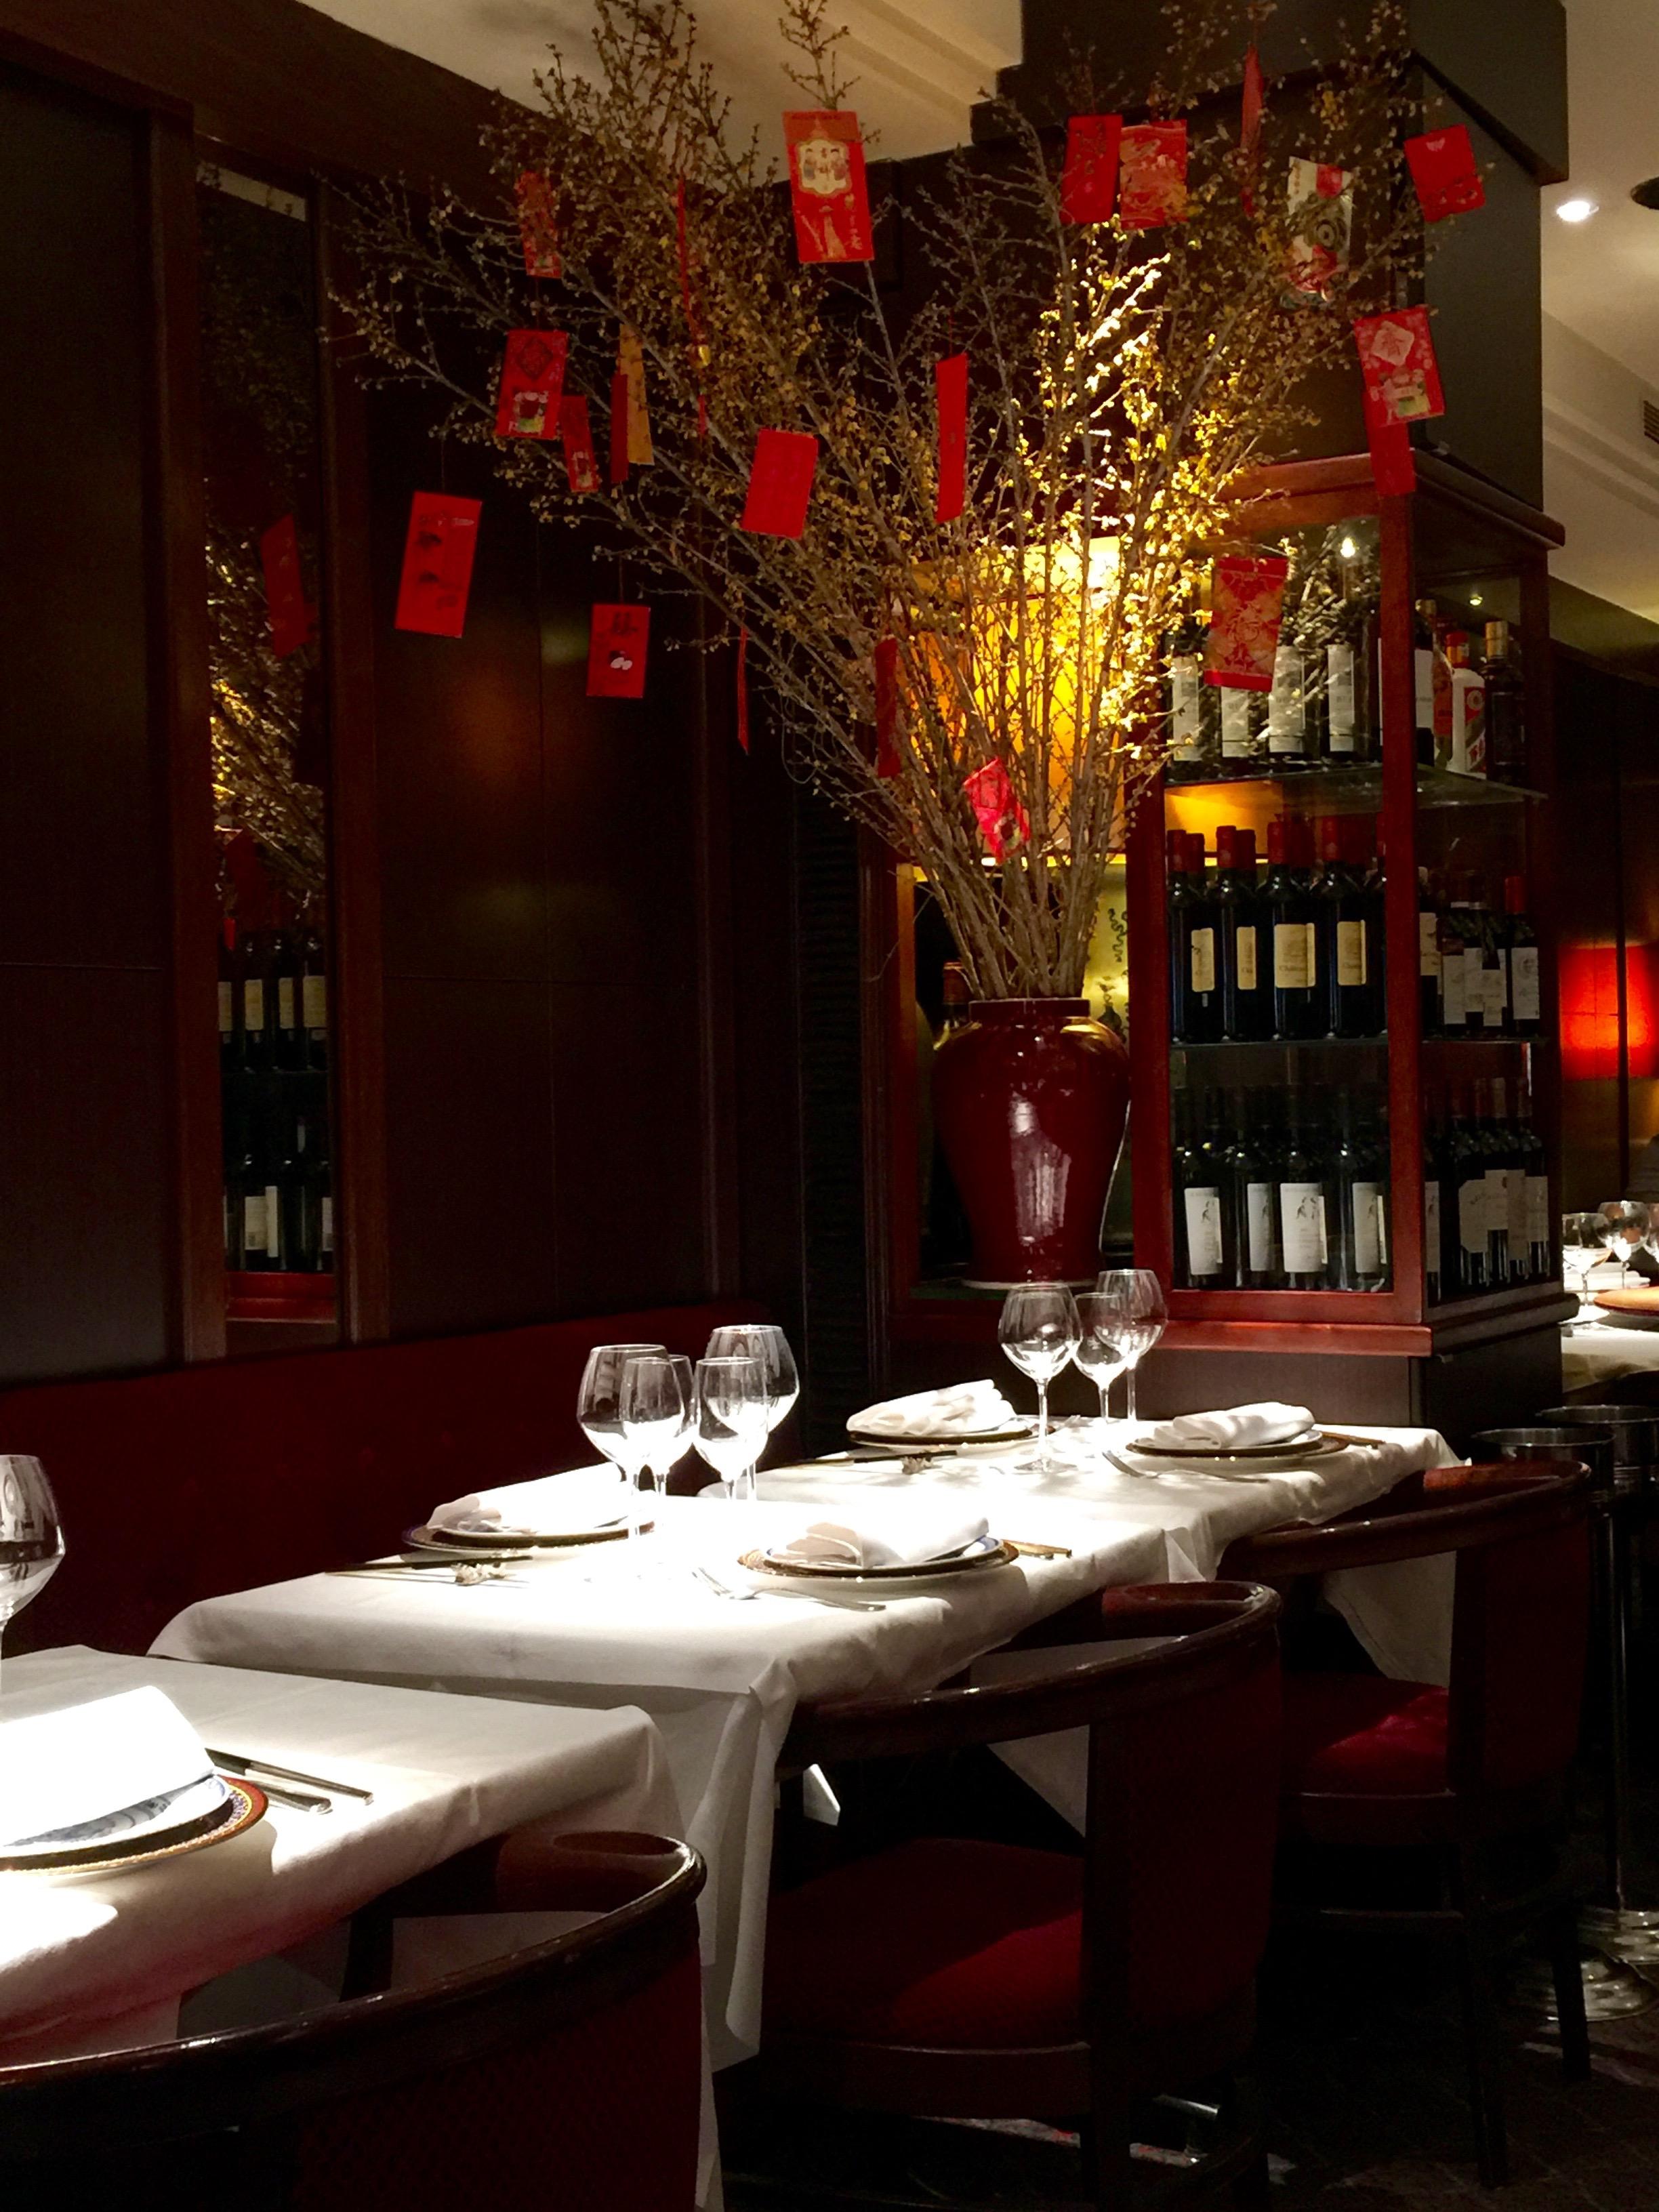 Restaurant Chinois Porte Maiollot